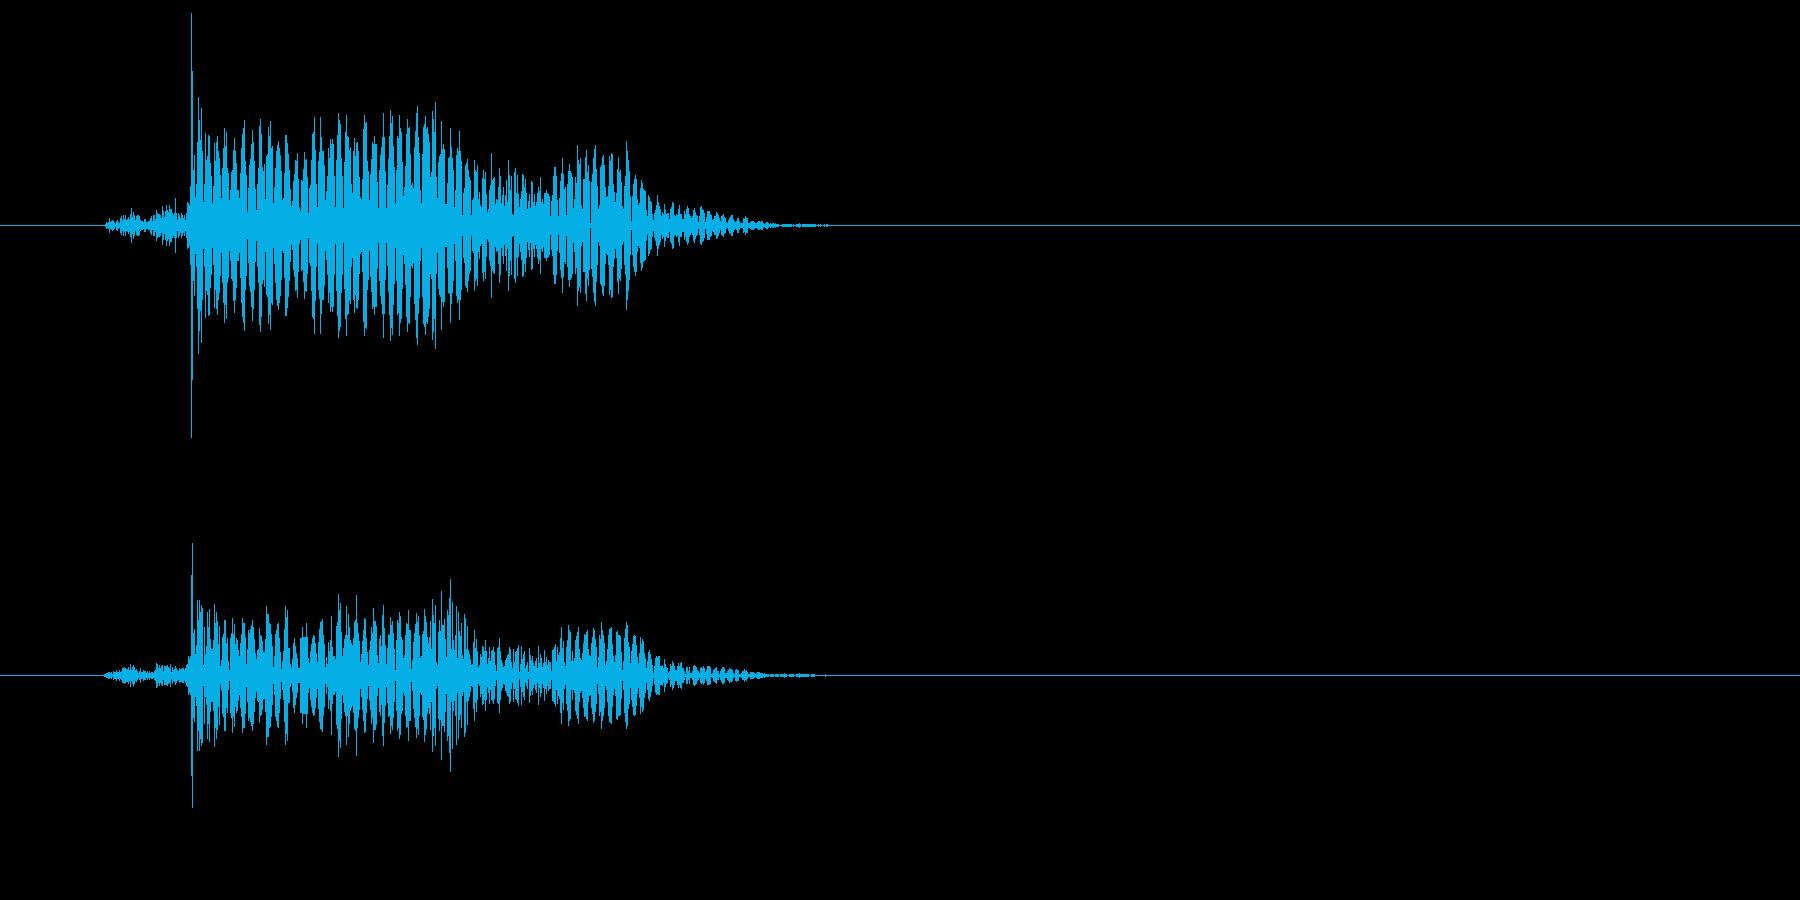 カコッ(マウスクリックを表現する効果音)の再生済みの波形